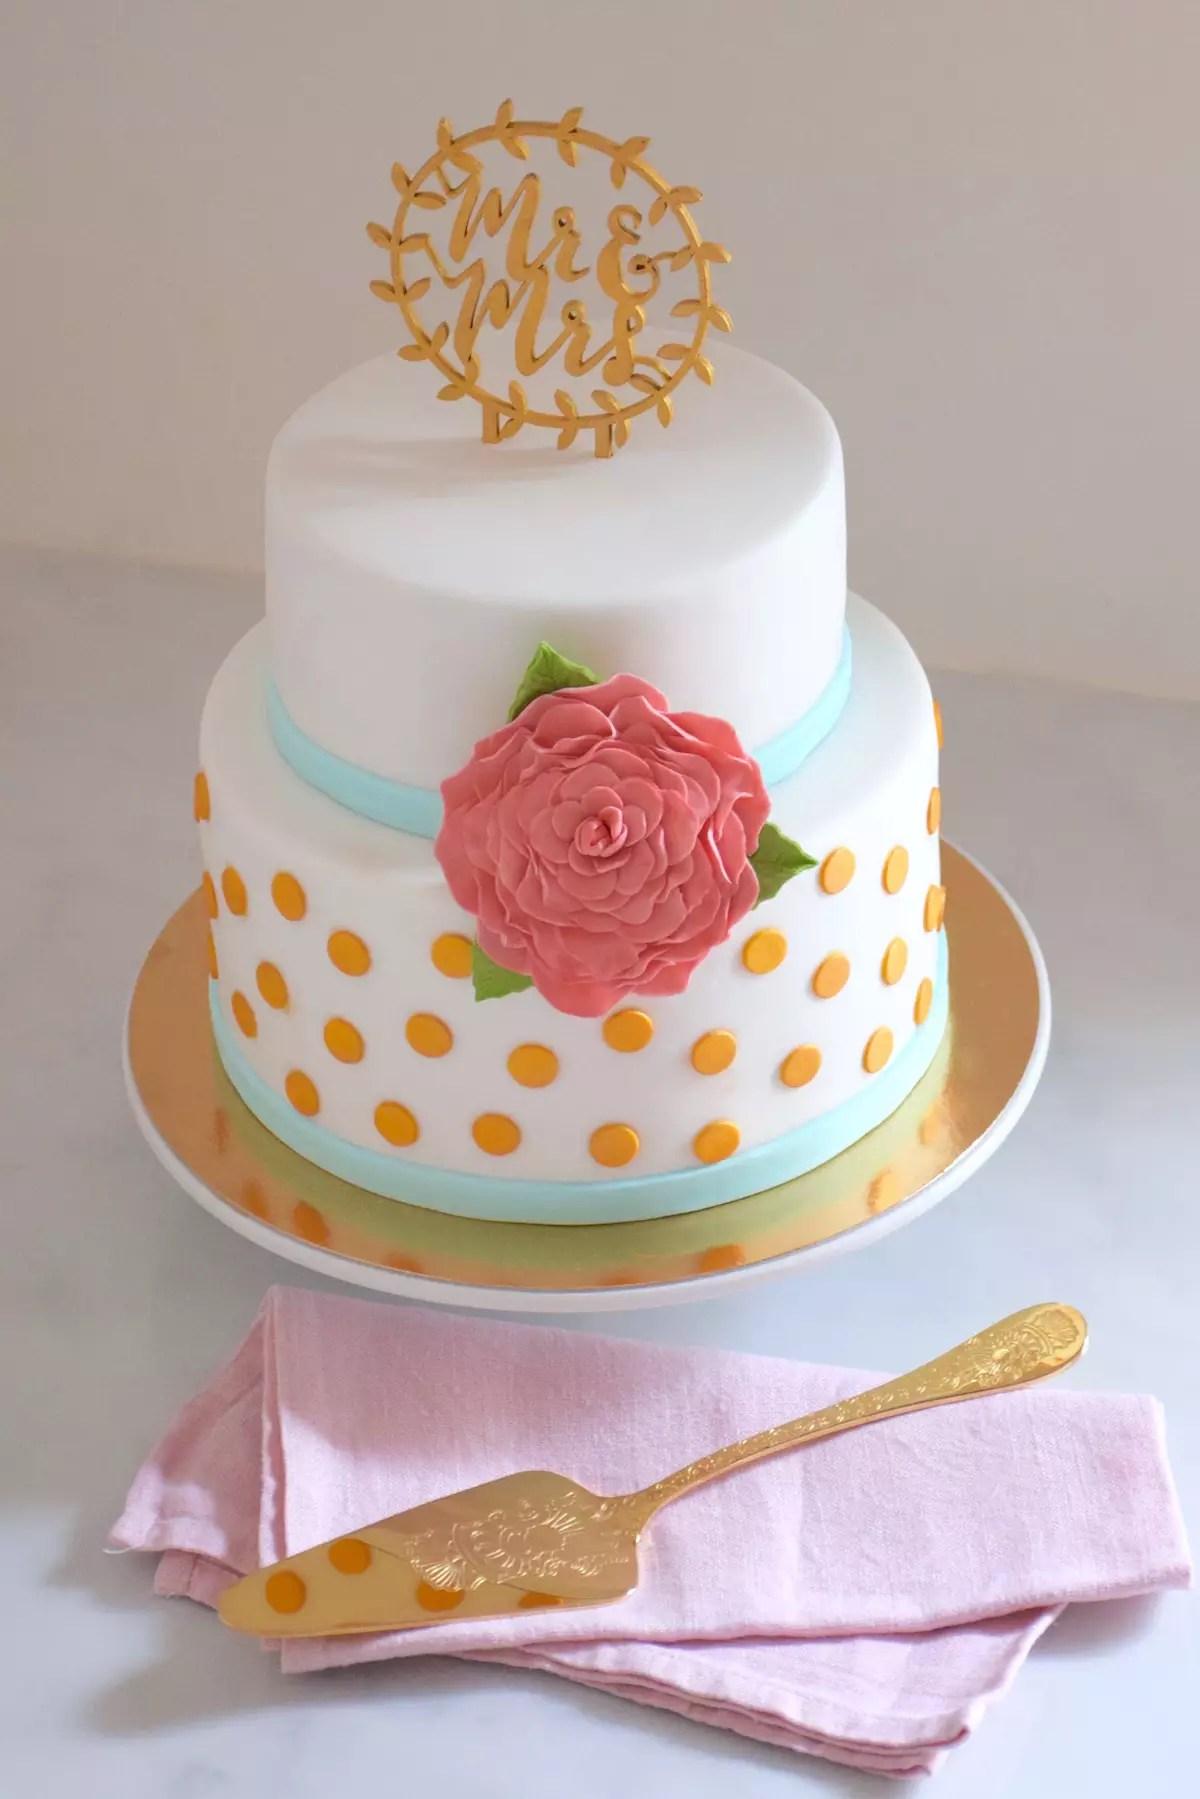 Gold dots & pink rose wedding cake